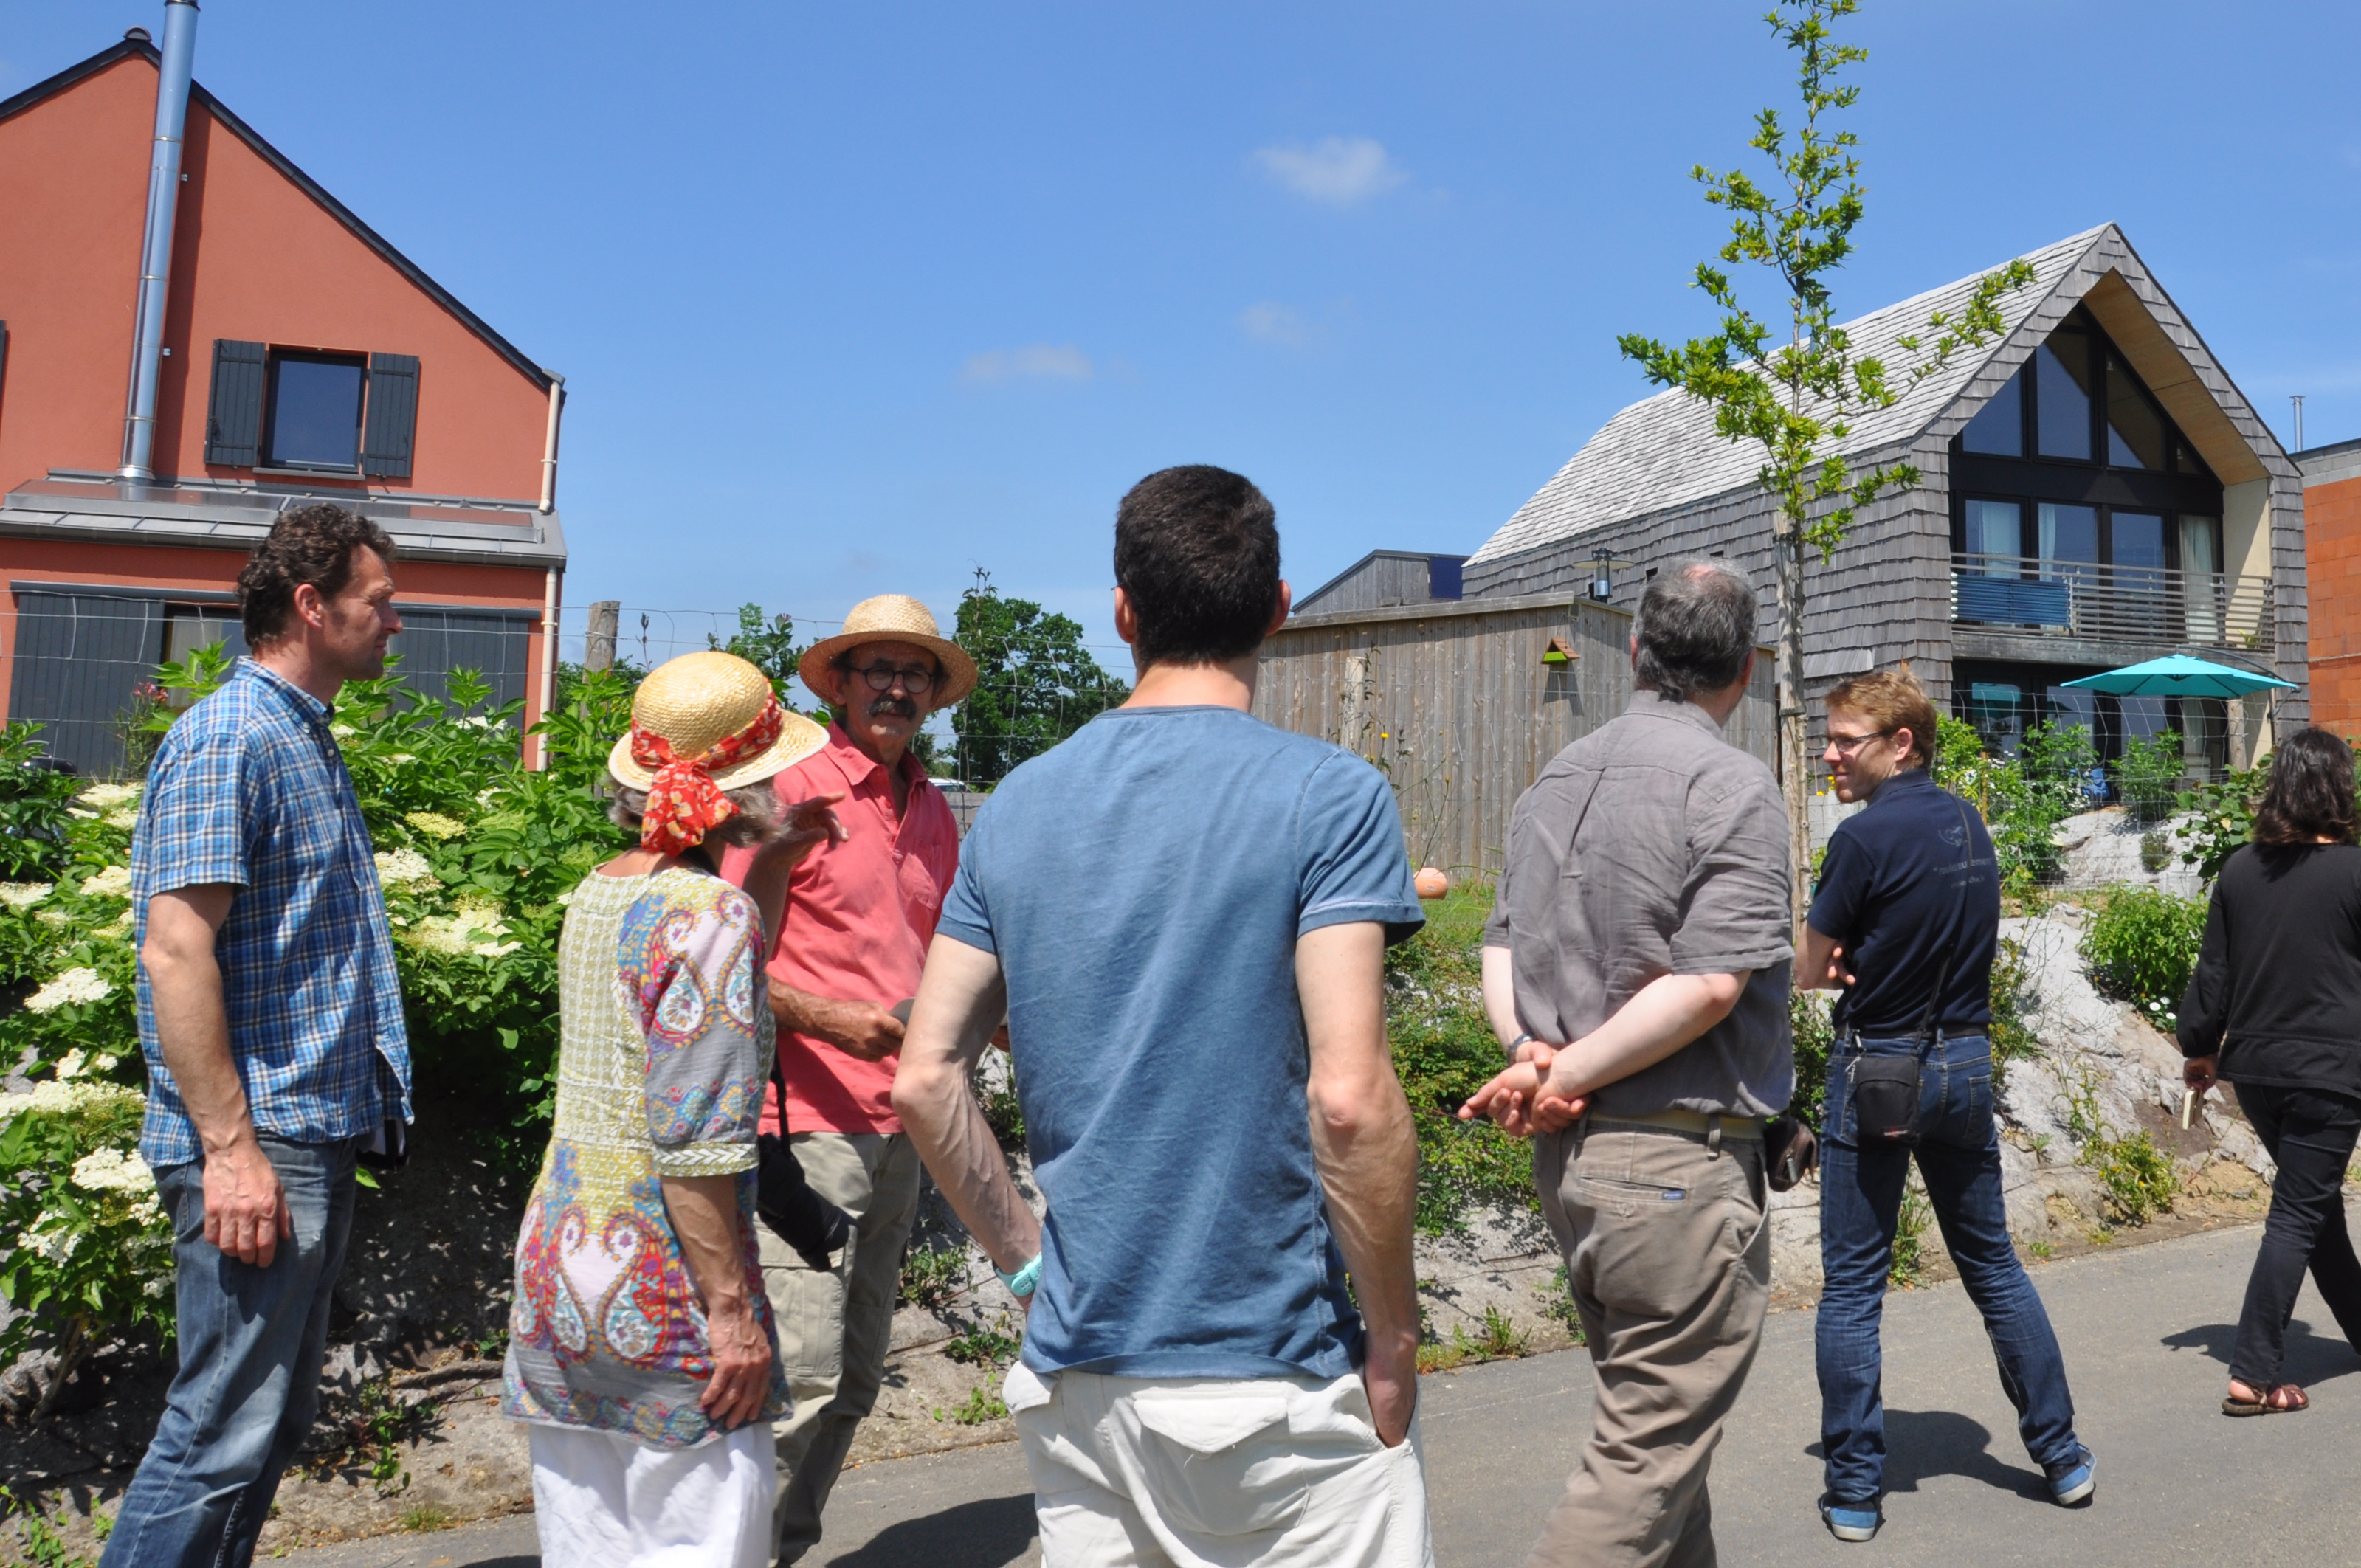 Les lecteurs du magazine La Maison écologique visitent l'écolotissemment de Bazouges-sous-Hédé. Photo Gwendal Le Ménahèze